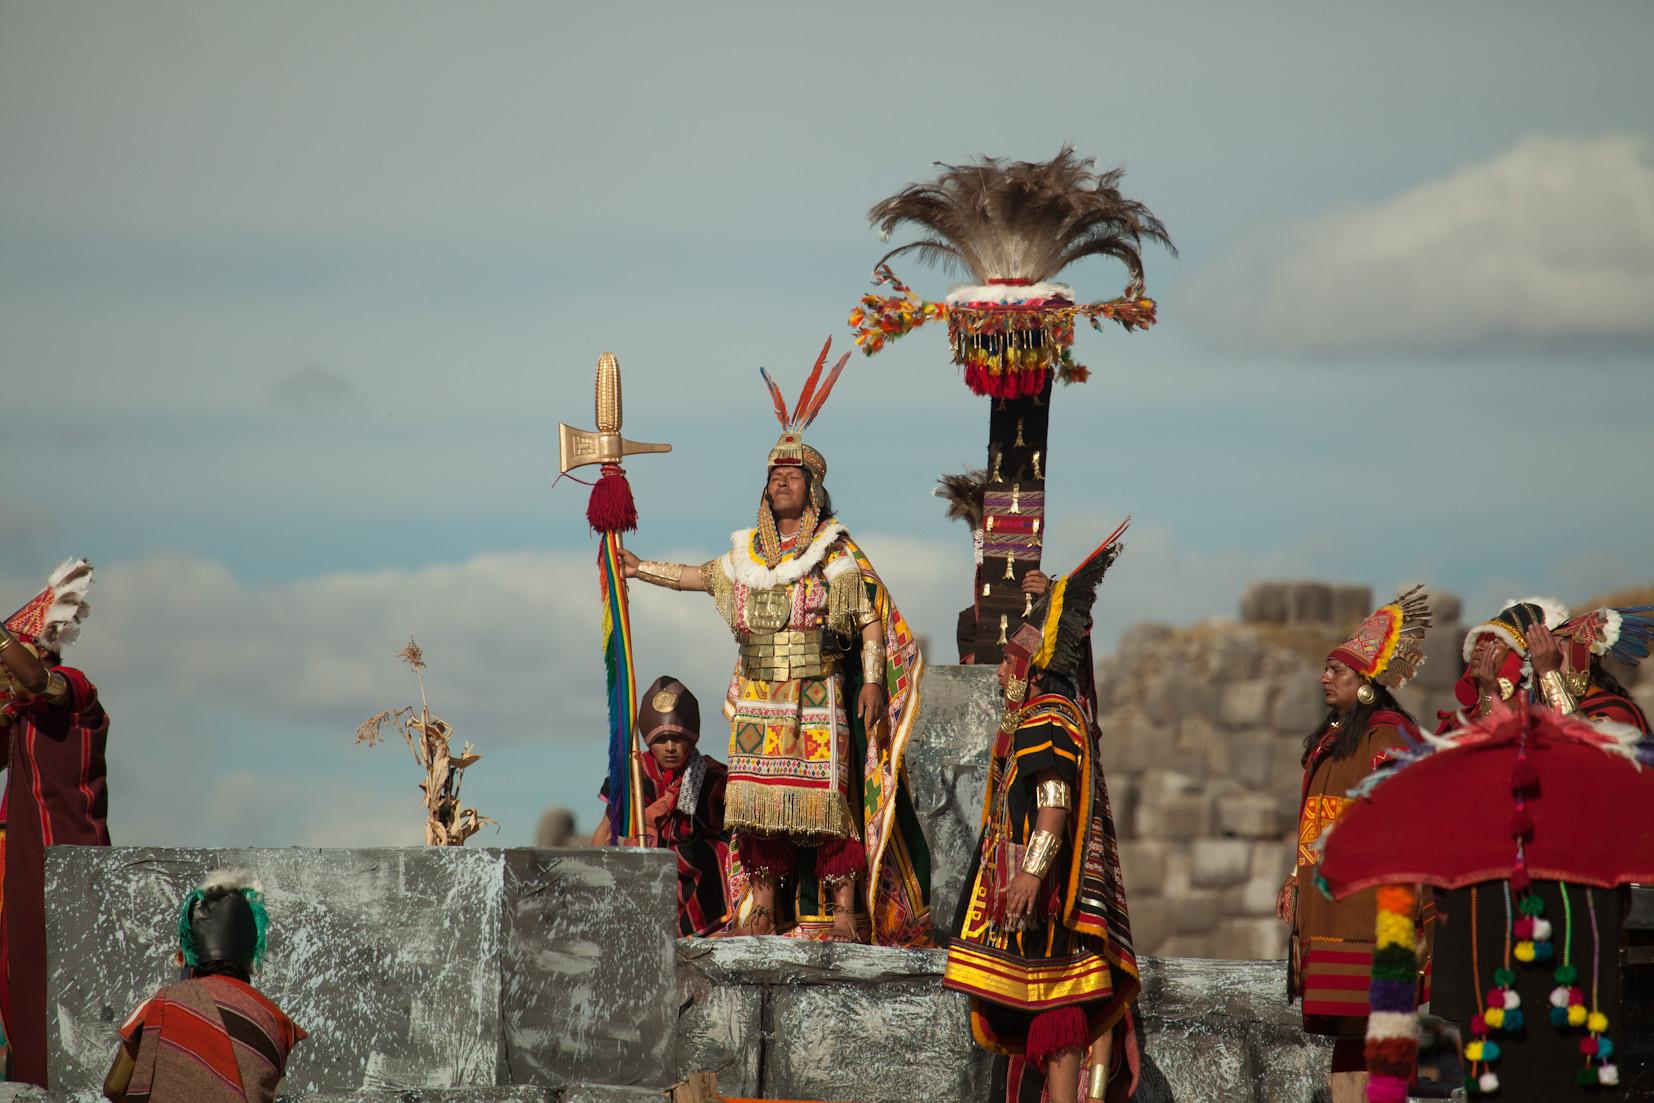 【一万年の歴史の国ペルー】地球の裏側の国ペルーはイケメン天国だった?